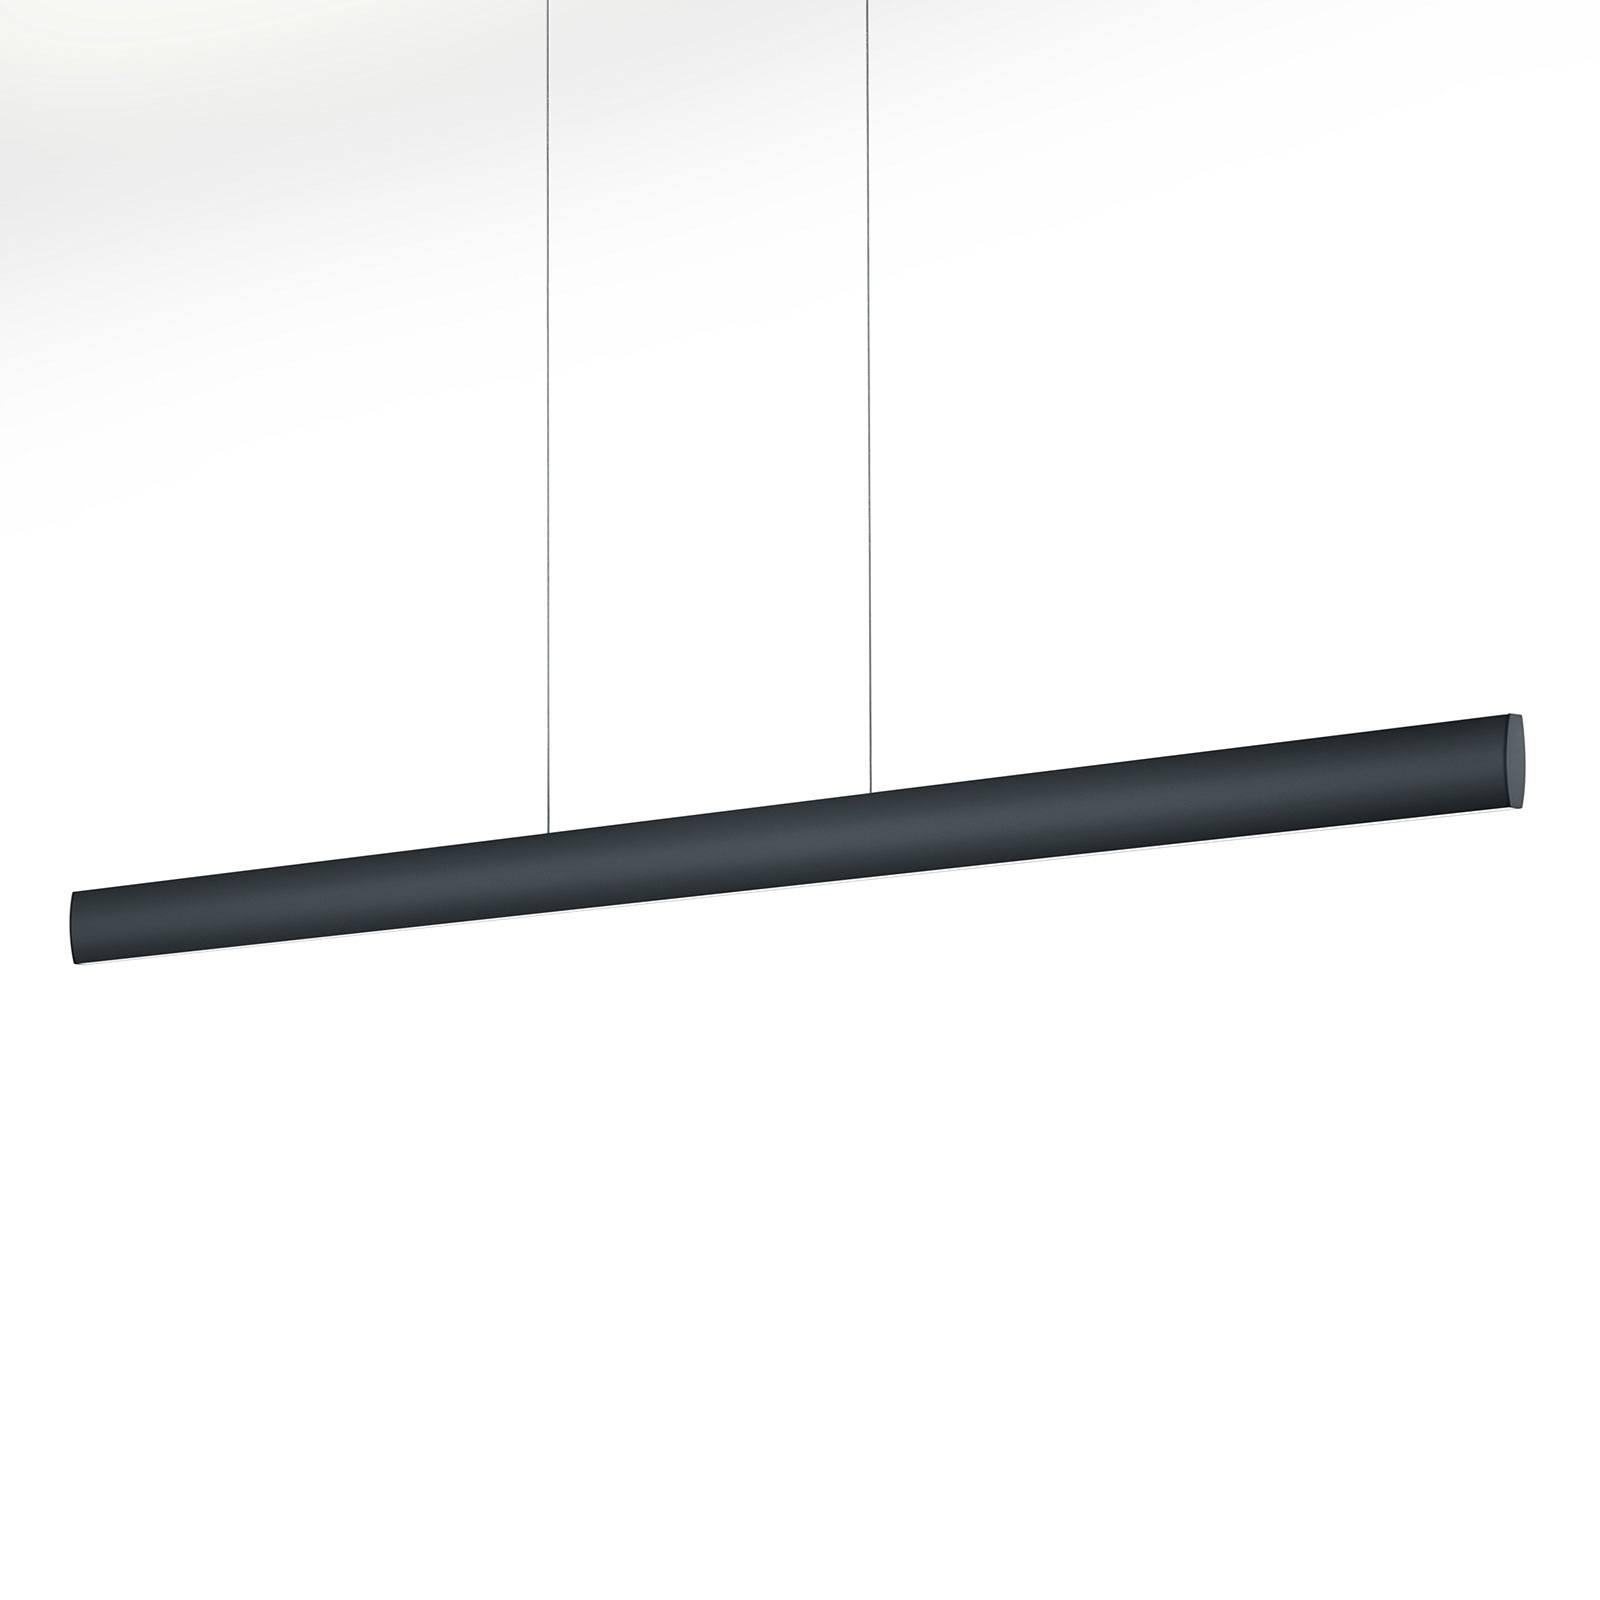 LED-riippuvalaisin Runa, musta, pituus 132 cm